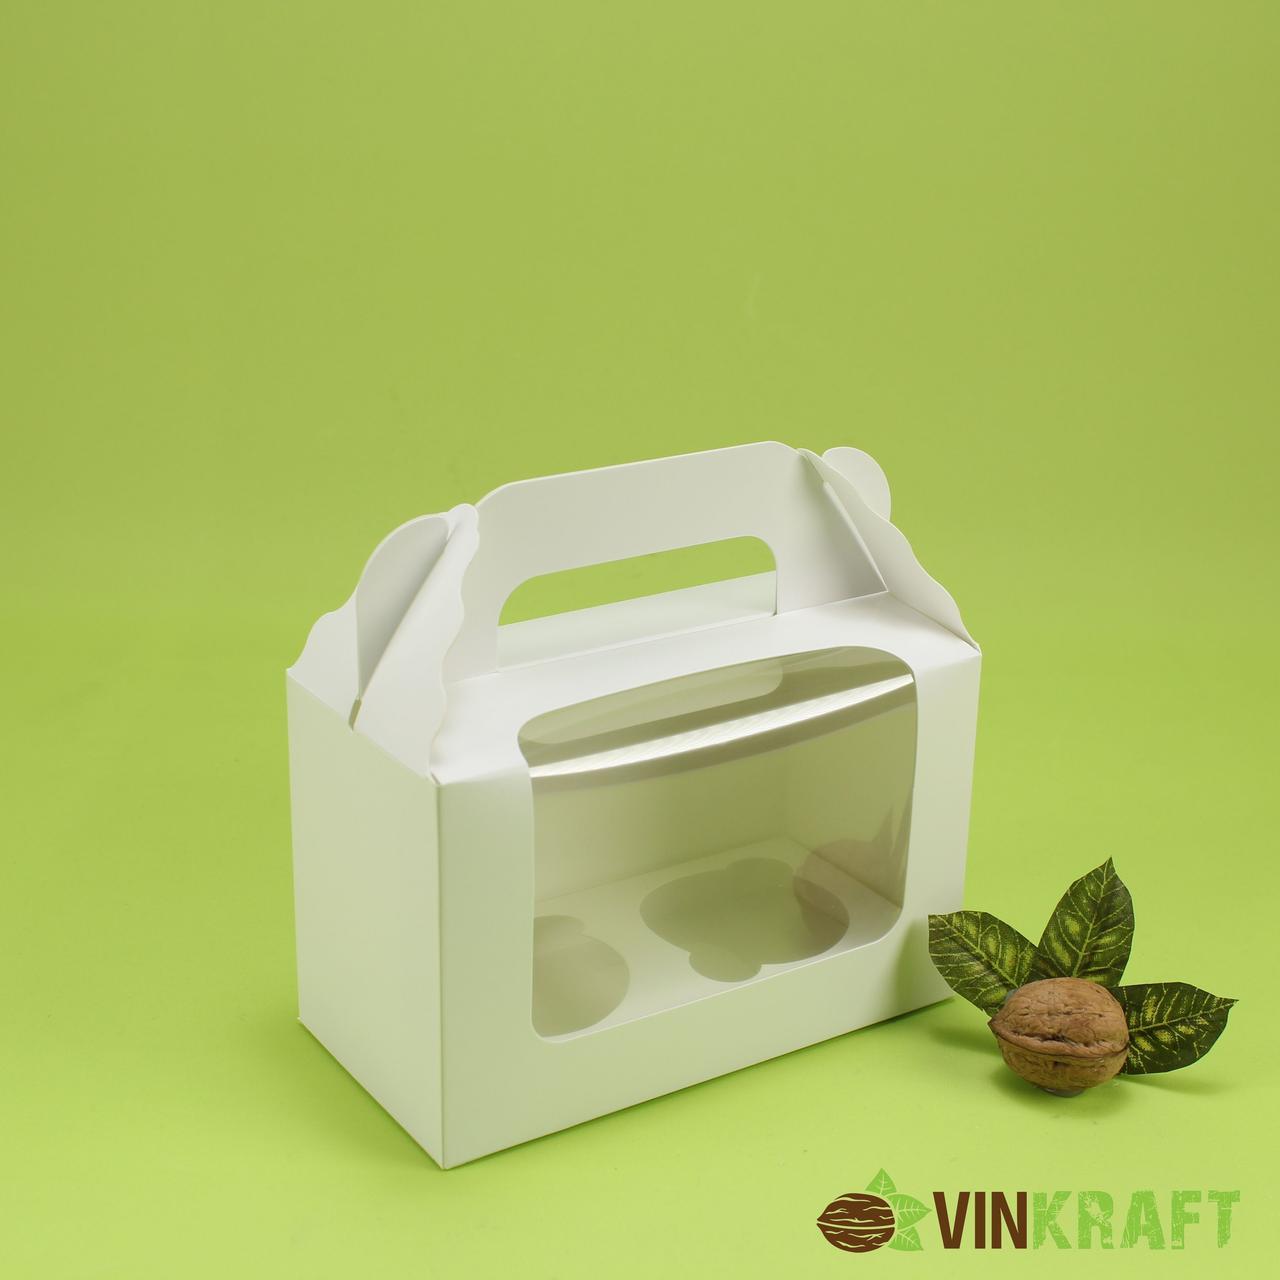 Коробка 165*80*105 для капкейків (2 шт) з ручками і вікном, біла